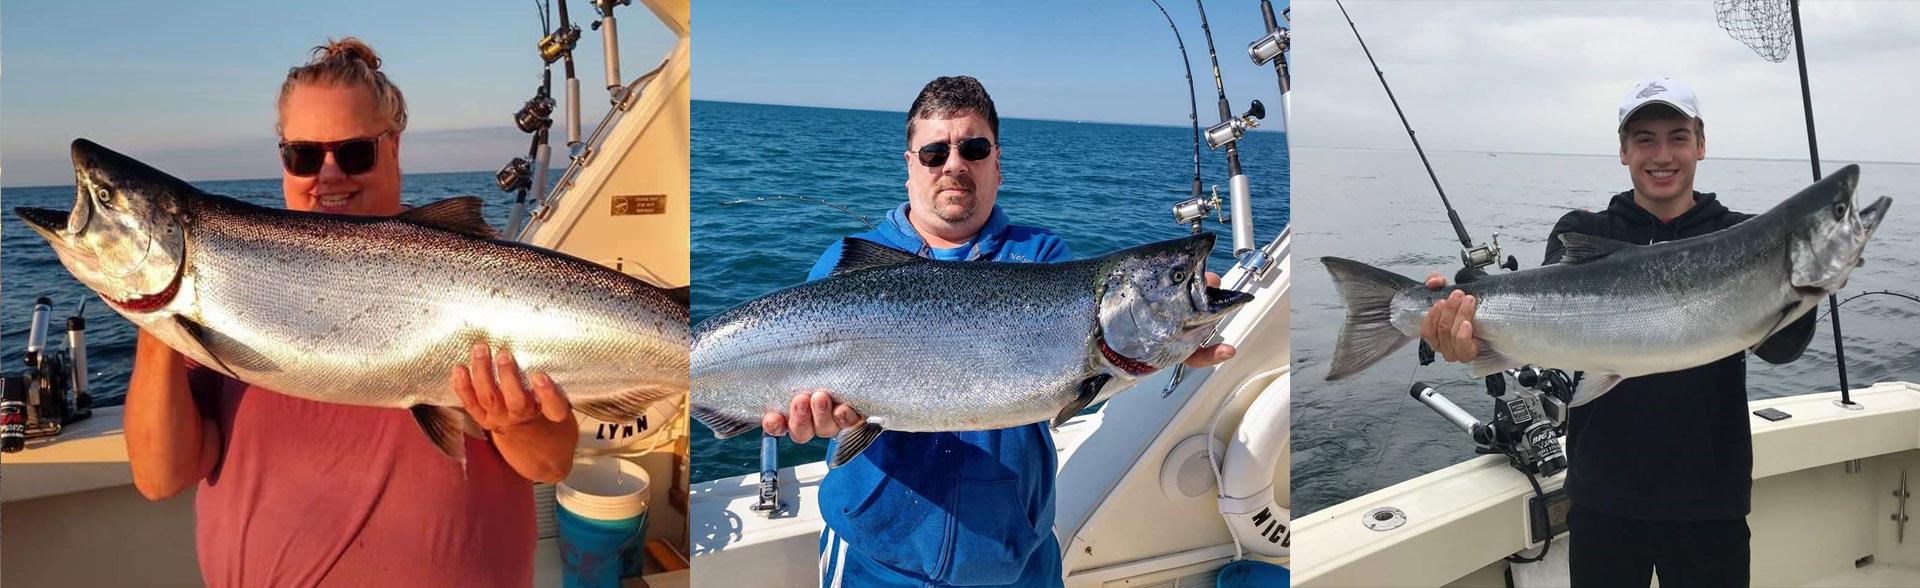 Lake-Michigan-Fishing